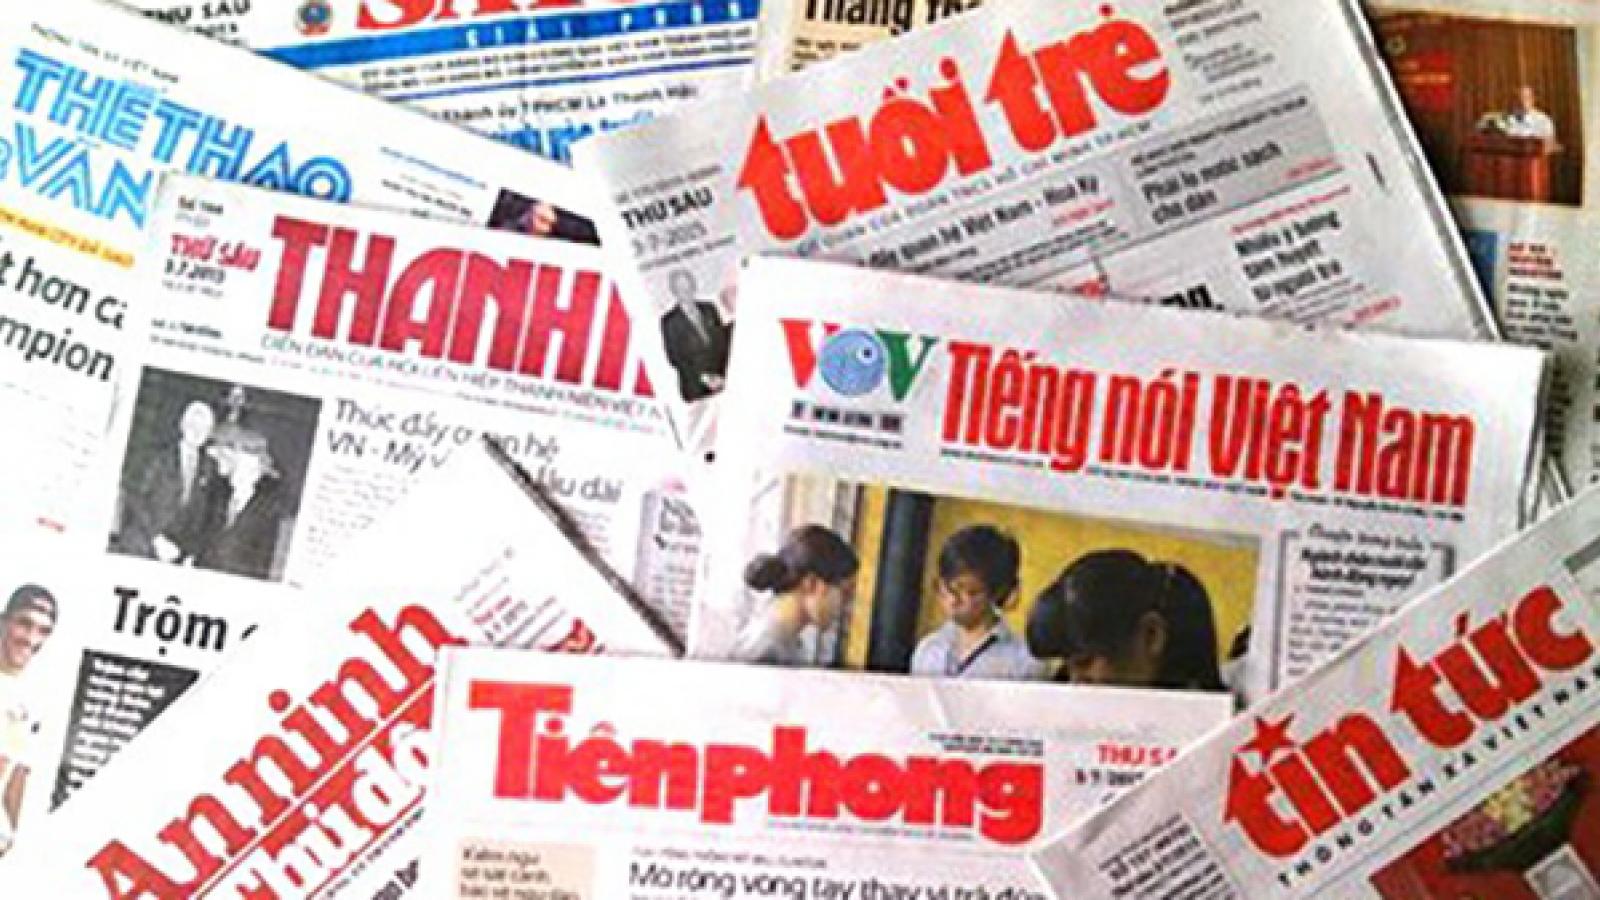 """Quy hoạch báo chí: Cần giám sát chặt chẽ, tránh """"bình mới rượu cũ"""""""